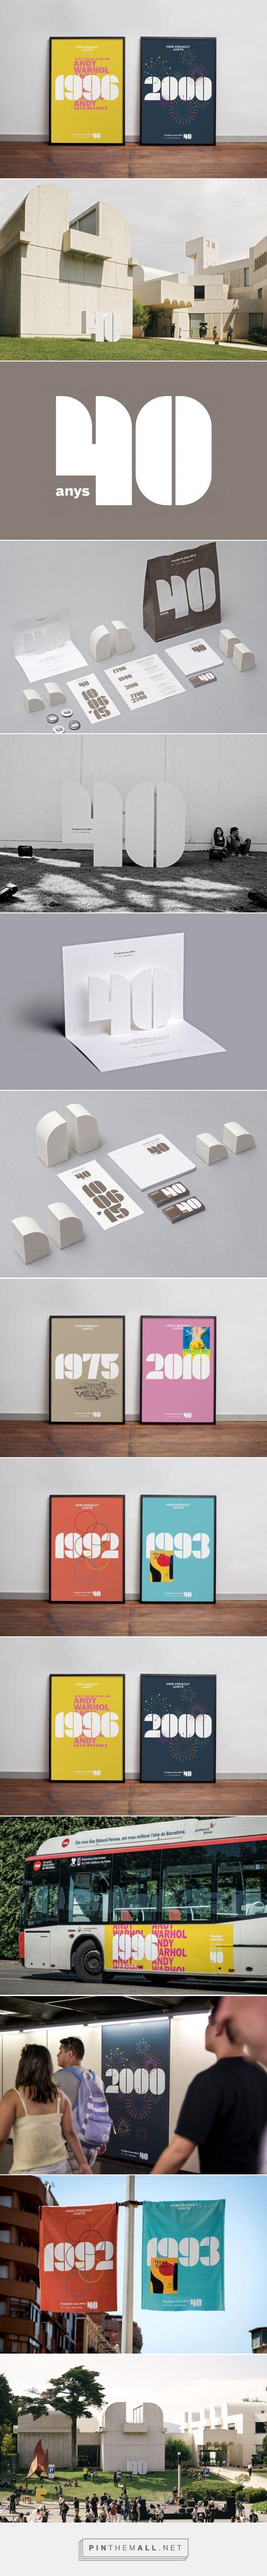 Fundació Joan Miró 40th Anniversary by Mucho — BP&O - created via https://pinthemall.net